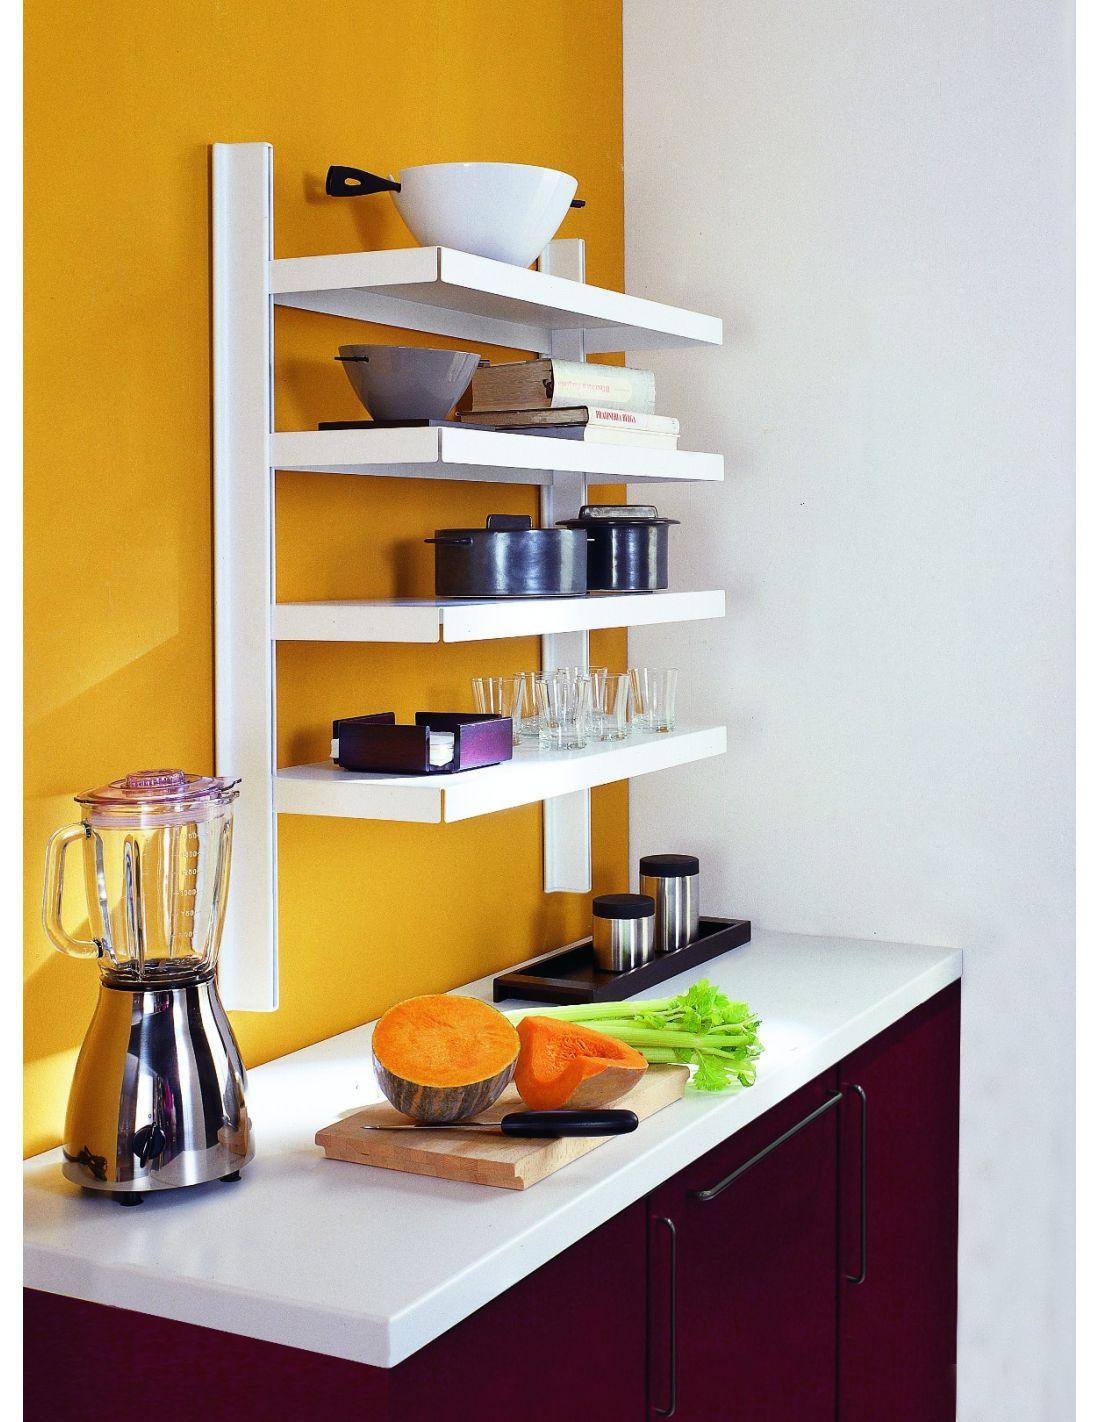 Scaffale Per Cucina - Idee Per La Casa - Syafir.com